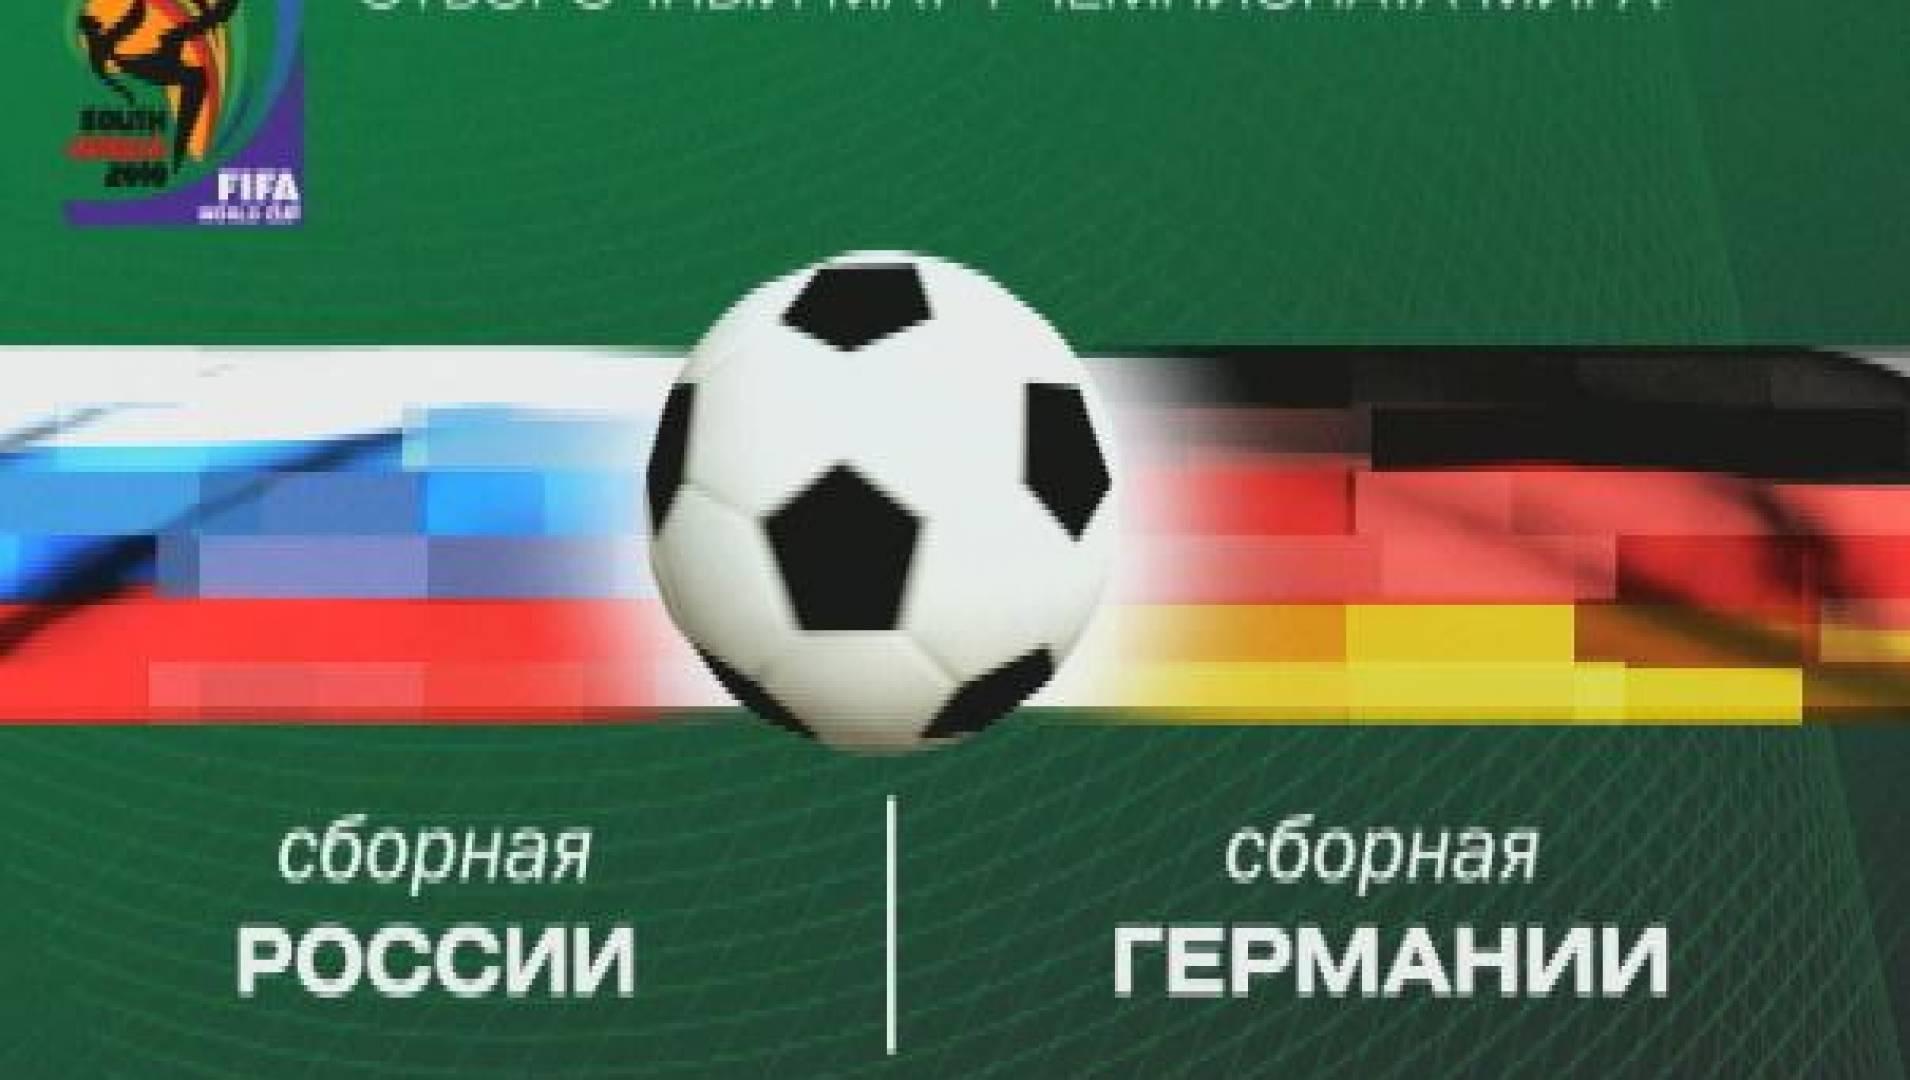 Футбол. Отборочный матч Чемпионата мира. Россия—  Германия - Программа, Спортивная